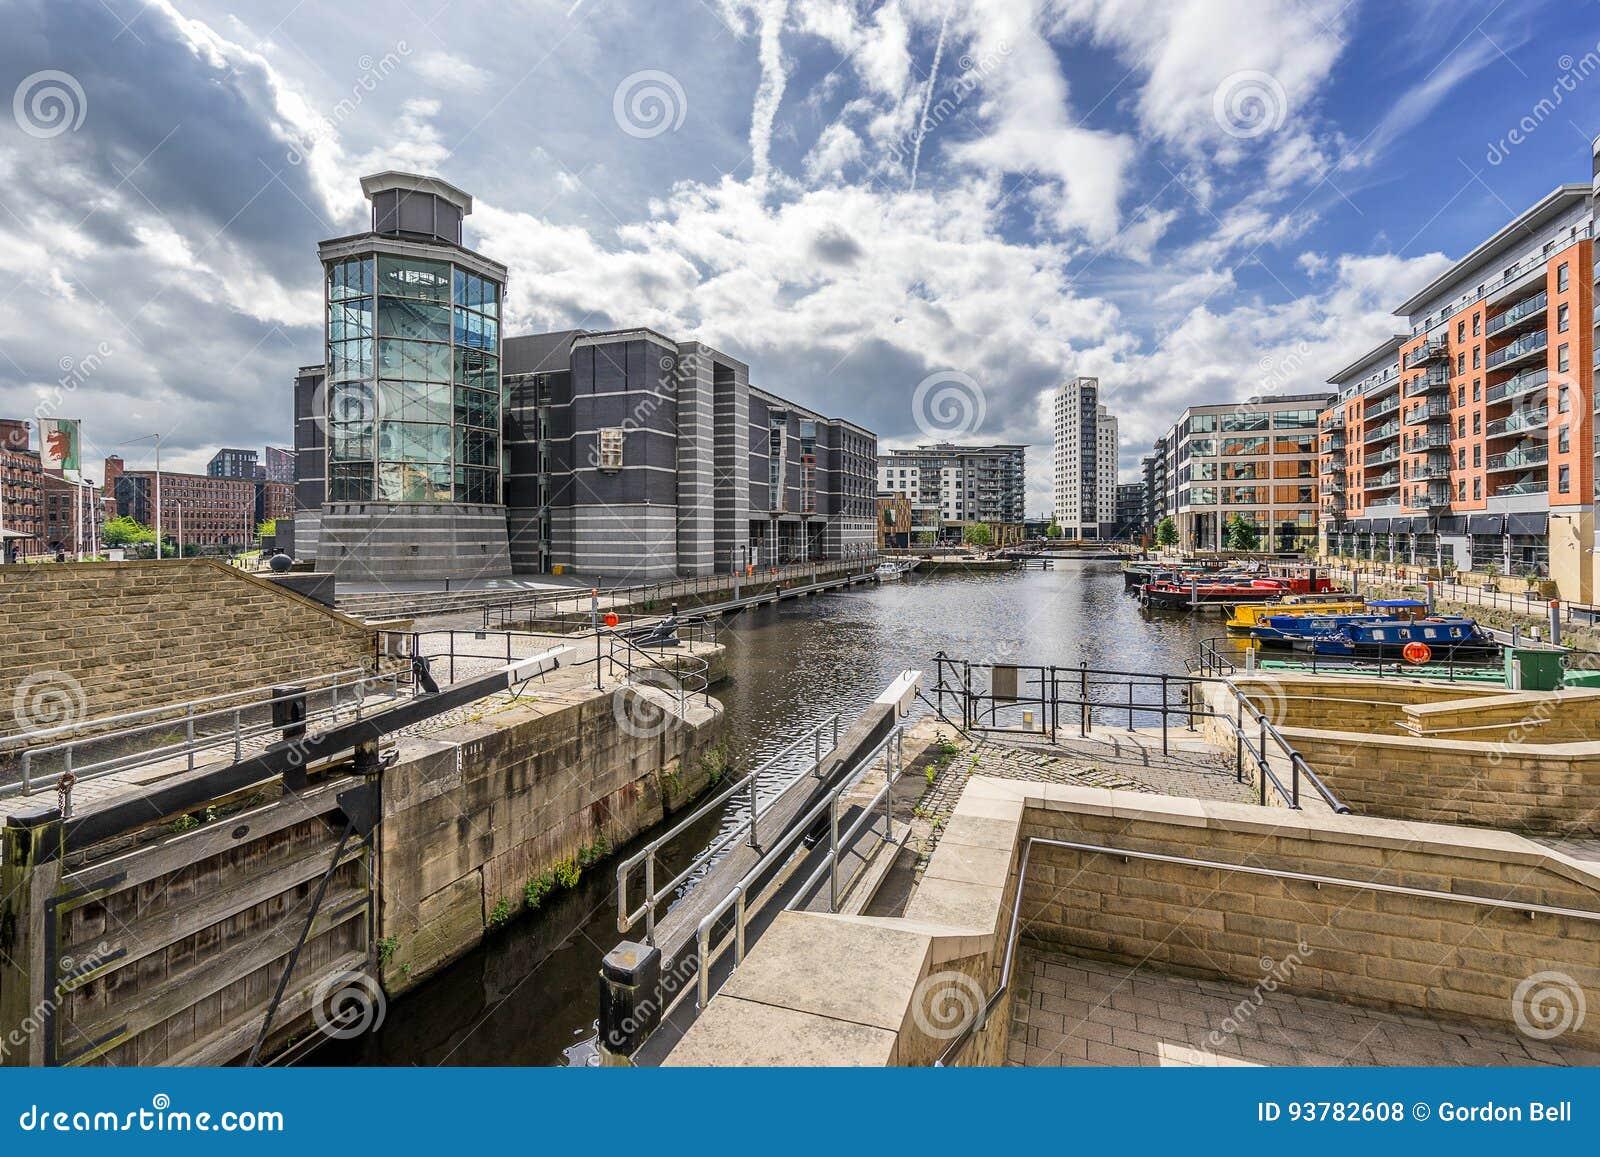 Leeds Dock In The City Of Leeds Stock Photo - Image of ...